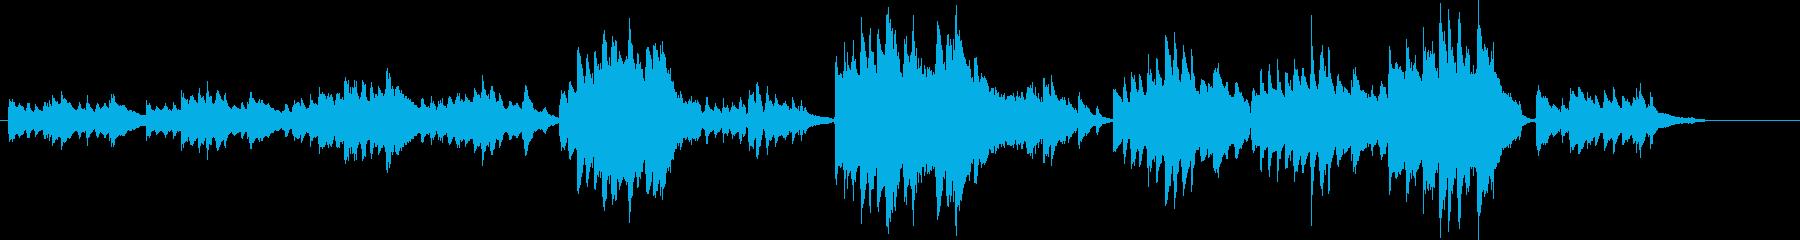 同じメロディーが繰り返される静かピアノ曲の再生済みの波形